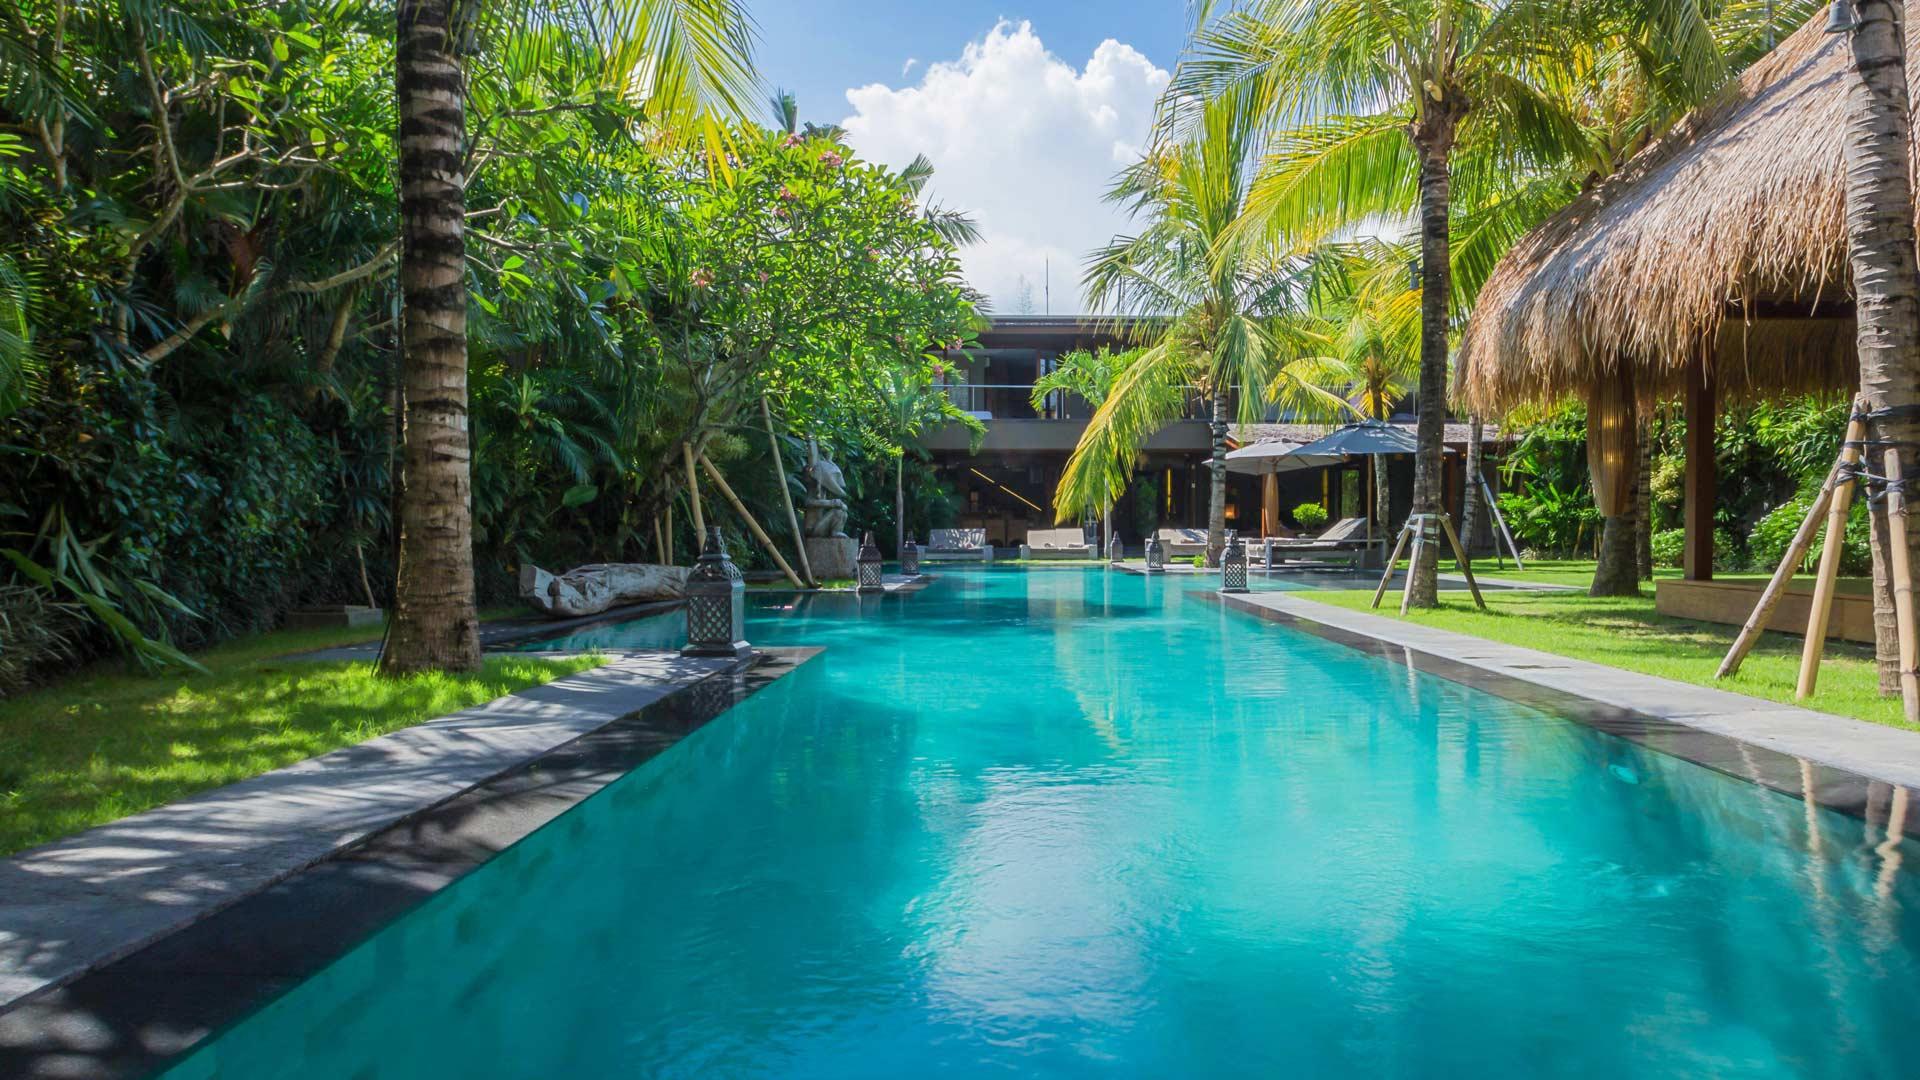 Bali High Definition